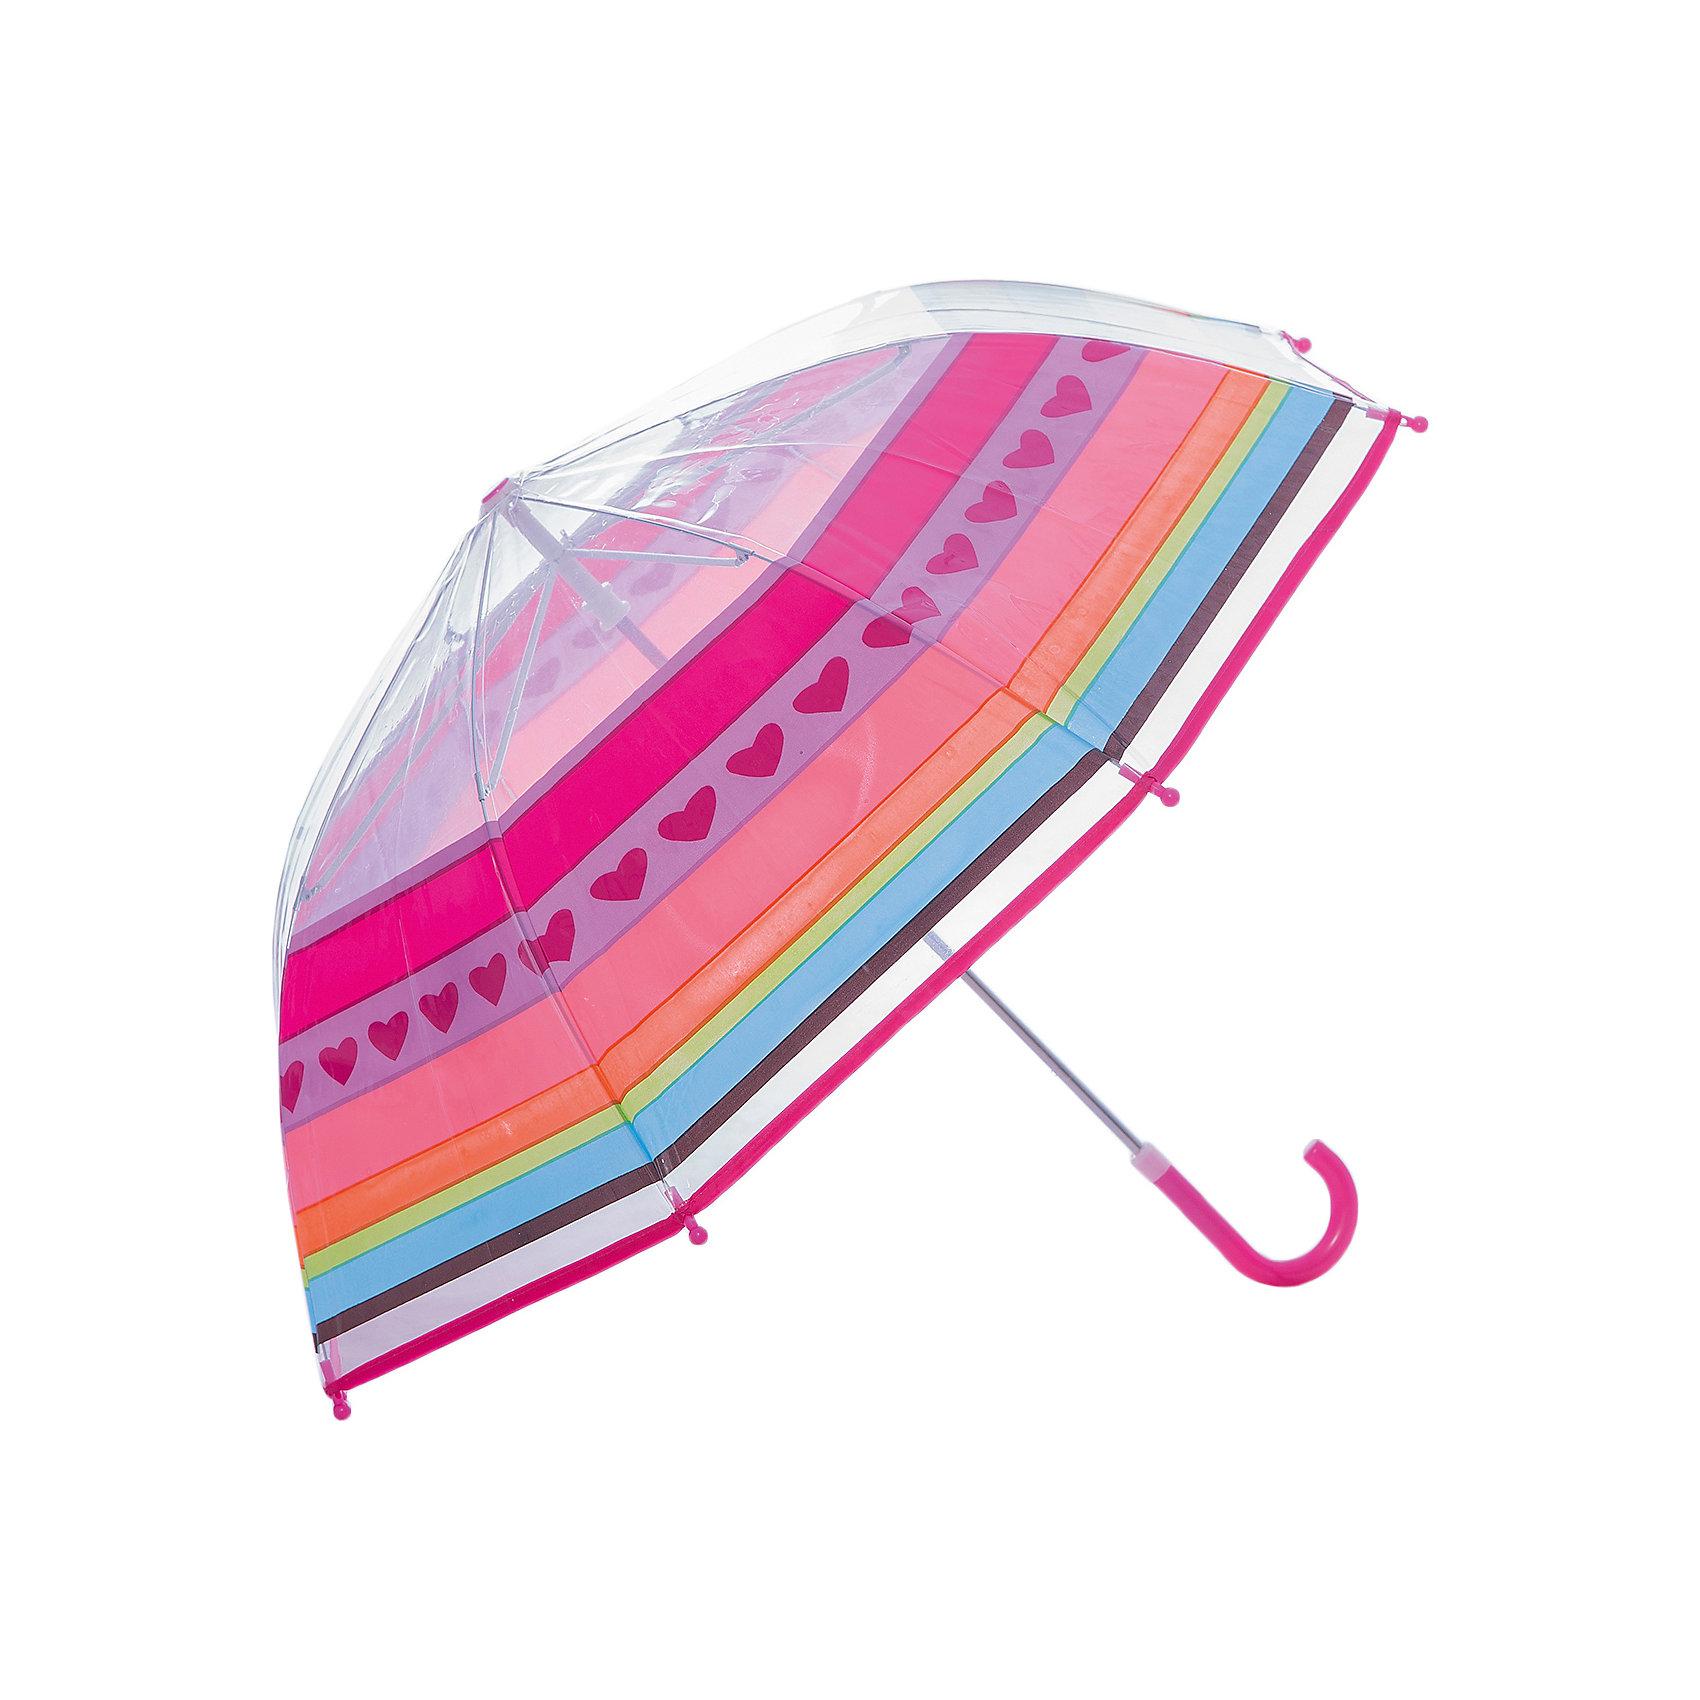 Зонт детский Радуга, 46 см.Зонты детские<br>Детский зонтик-тросточка Радуга защитит ребенка от непогоды, потому что не боится дождя и ветра благодаря прочному креплению купола к каркасу. Изогнутая ручка позволяет крепко держать зонт в руках. Технические характеристики: Механическая система складывания; Концы спиц закрыты пластиковыми шариками; Пластиковый фиксатор на стержне зонтика; Радиус купола - 46 см.<br><br>Ширина мм: 585<br>Глубина мм: 600<br>Высота мм: 800<br>Вес г: 250<br>Возраст от месяцев: 36<br>Возраст до месяцев: 2147483647<br>Пол: Унисекс<br>Возраст: Детский<br>SKU: 5508522